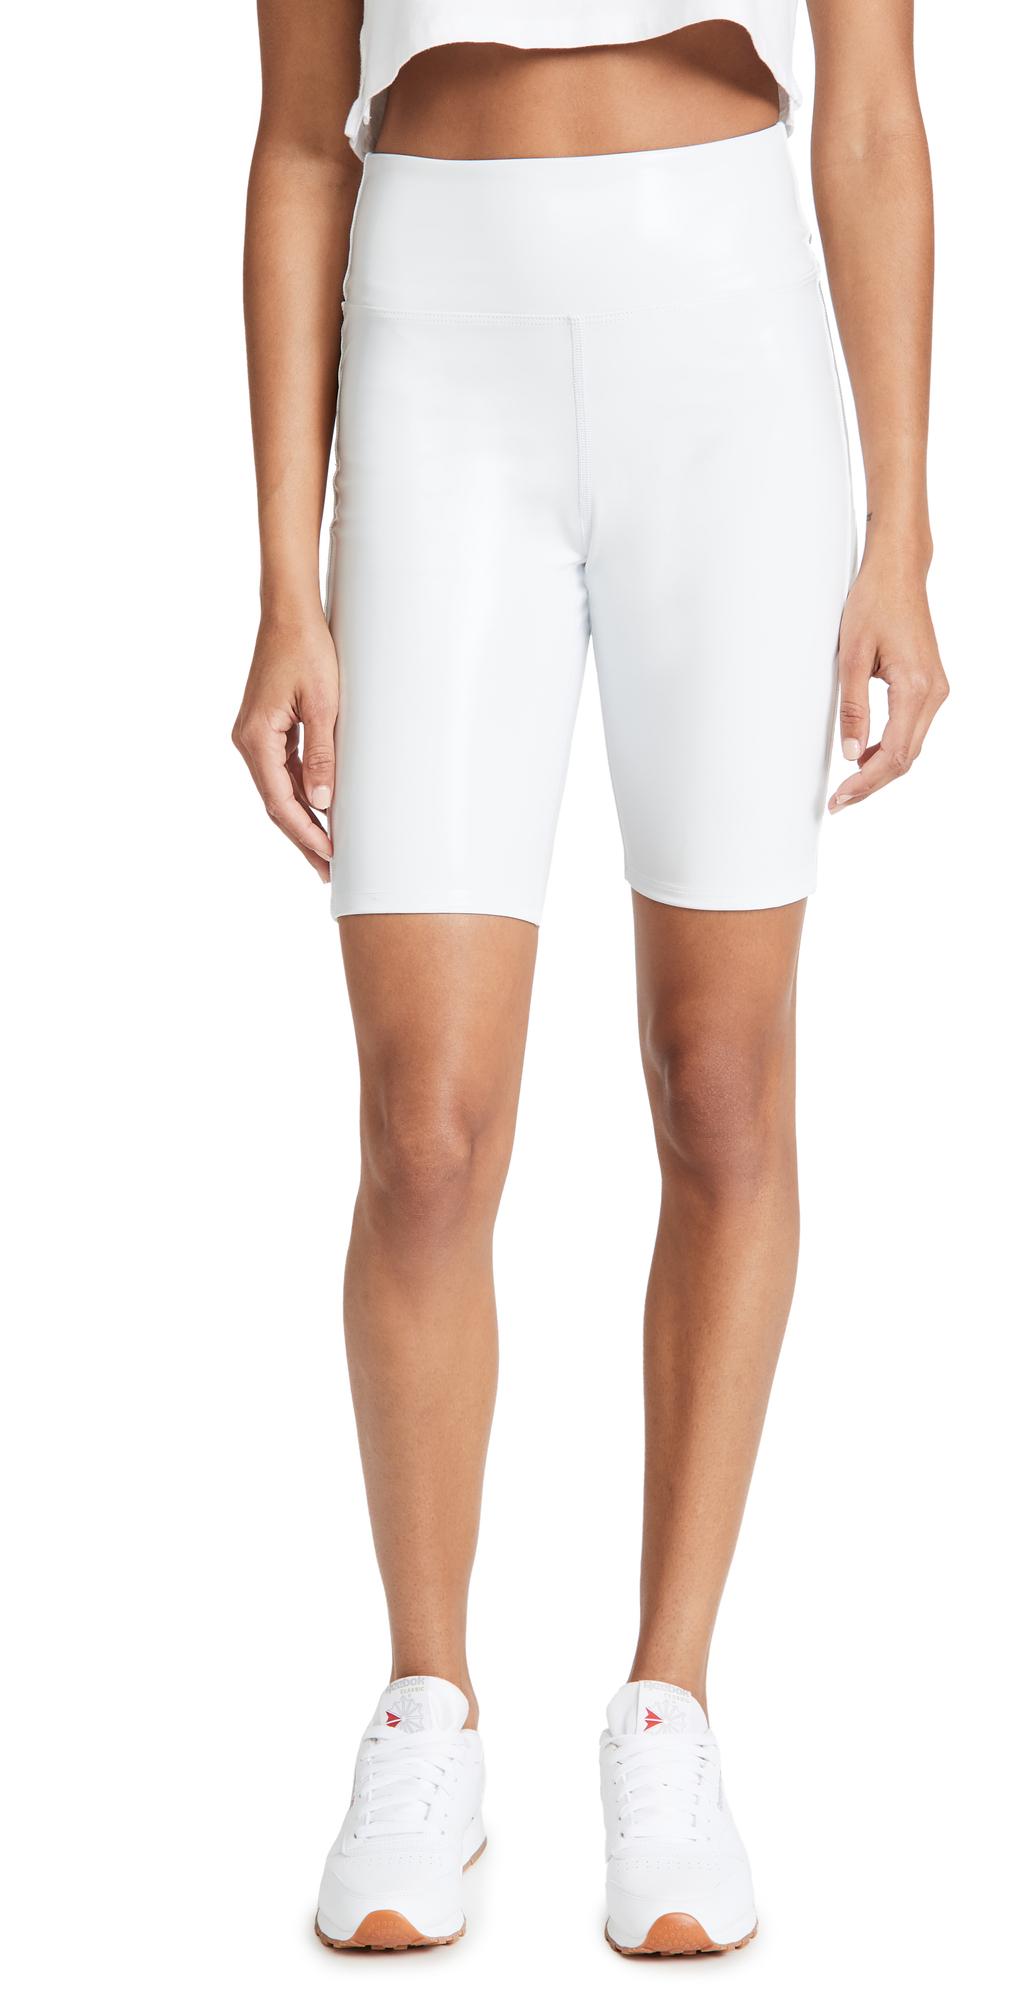 Dutchess Biker Shorts